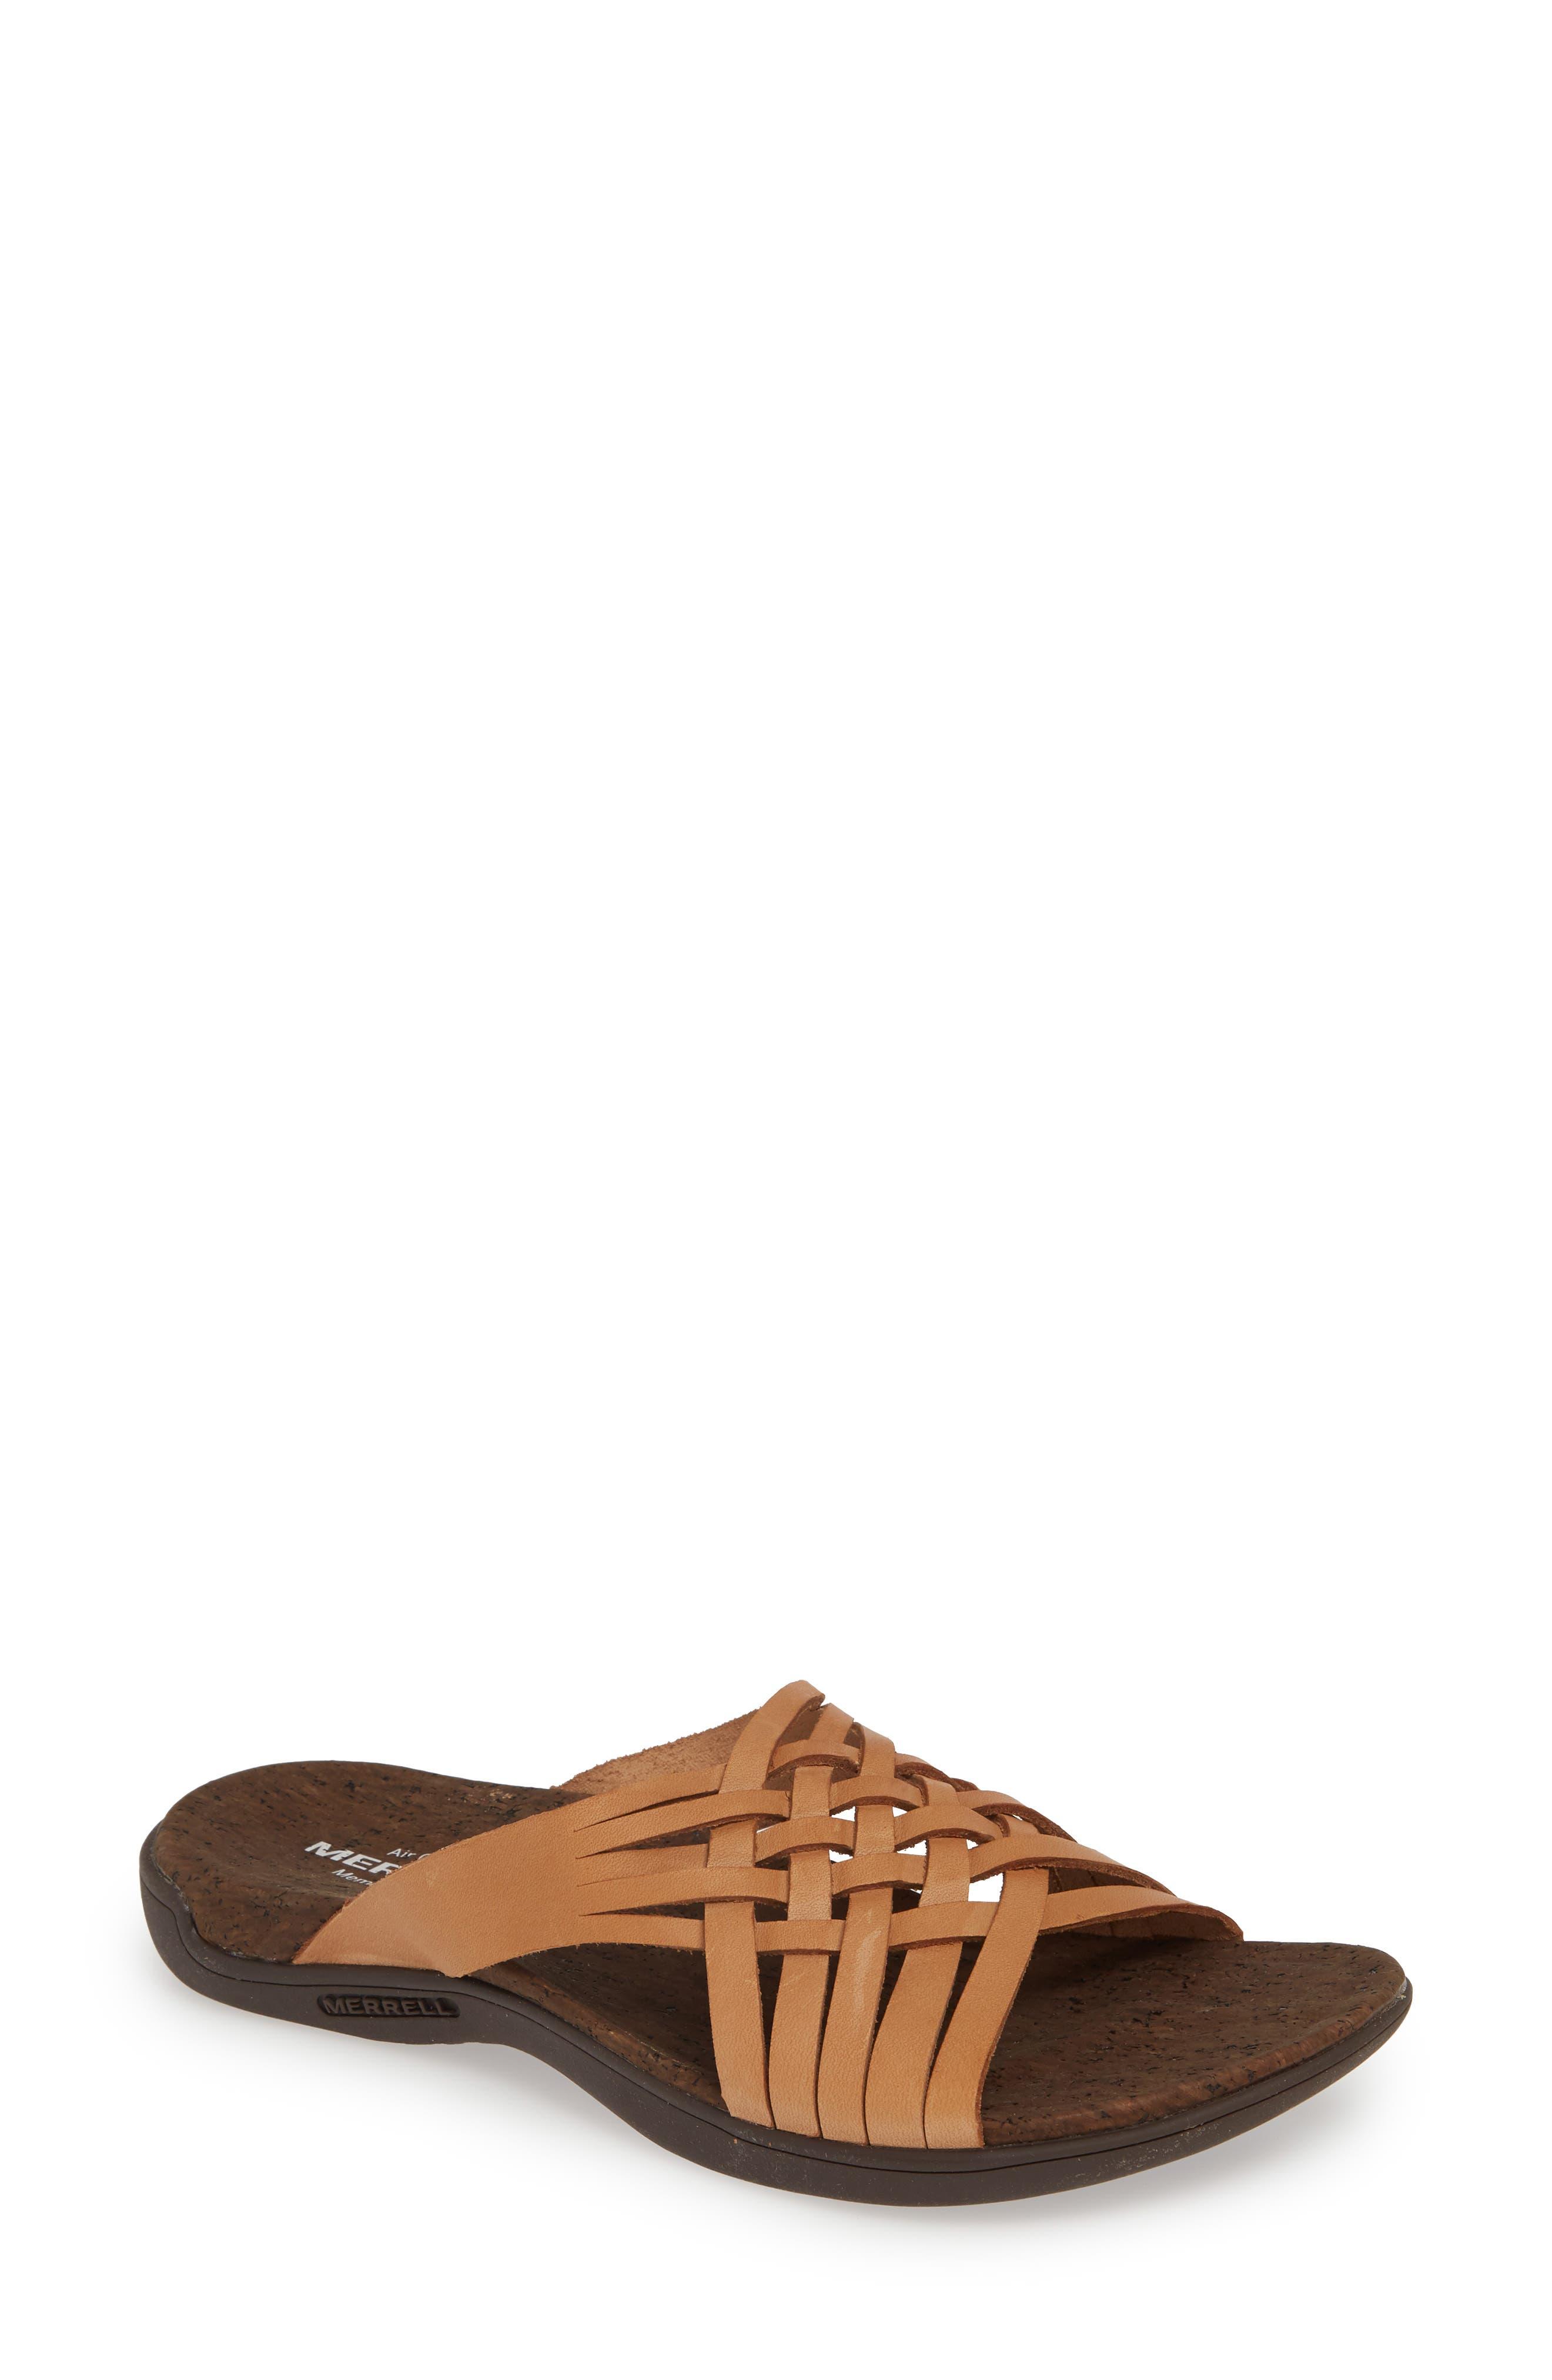 Image of Merrell District Mahana Leather Woven Slide Sandal